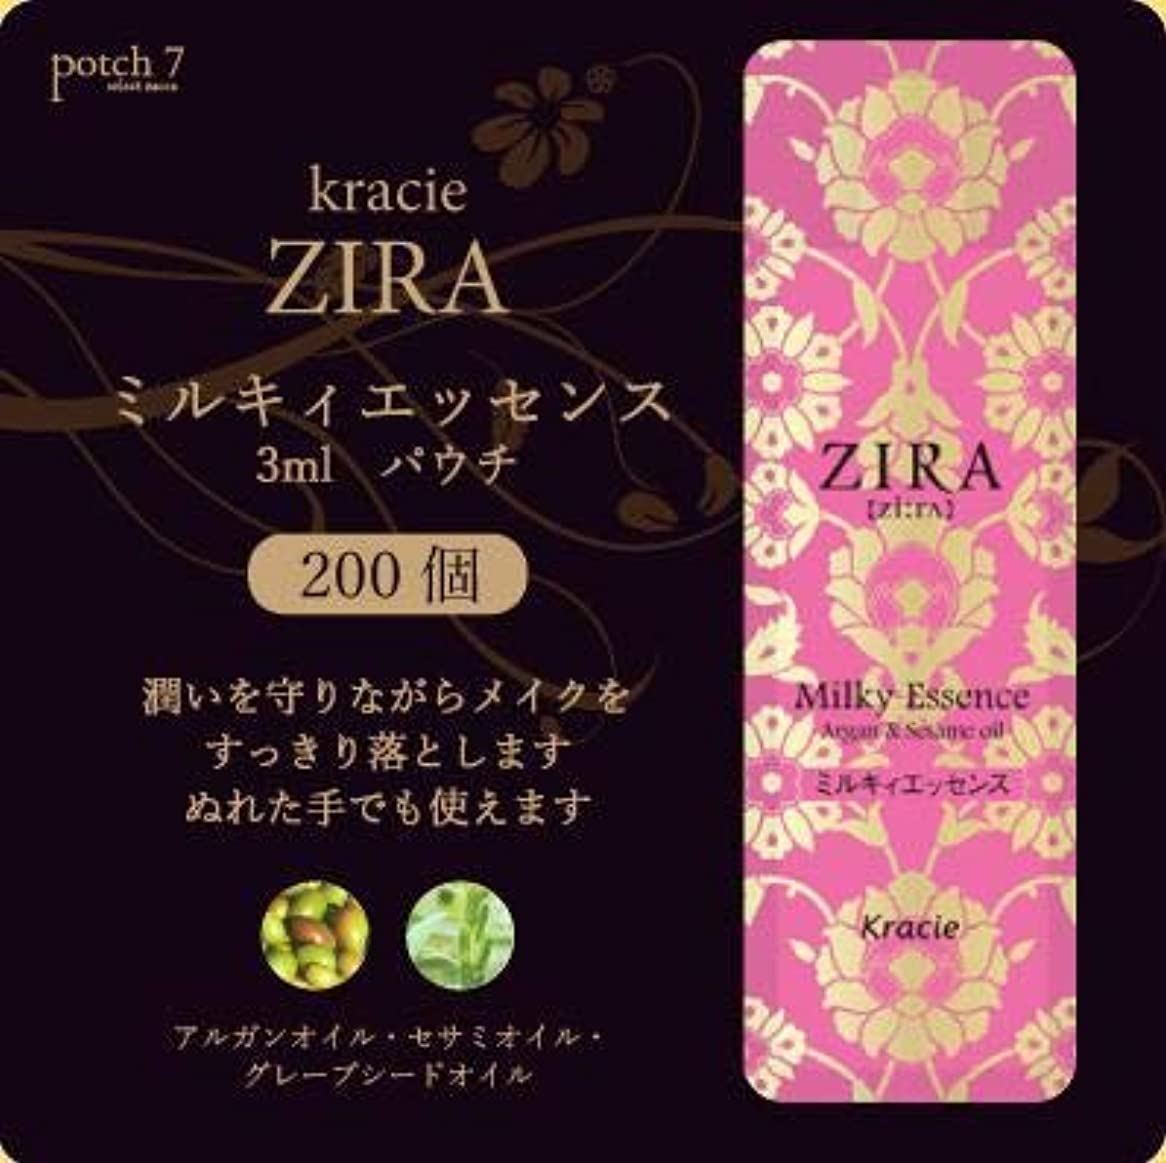 生き残ります仮装露Kracie クラシエ ZIRA ジーラ ミルキィエッセンス 美容液 パウチ 3ml 200個入